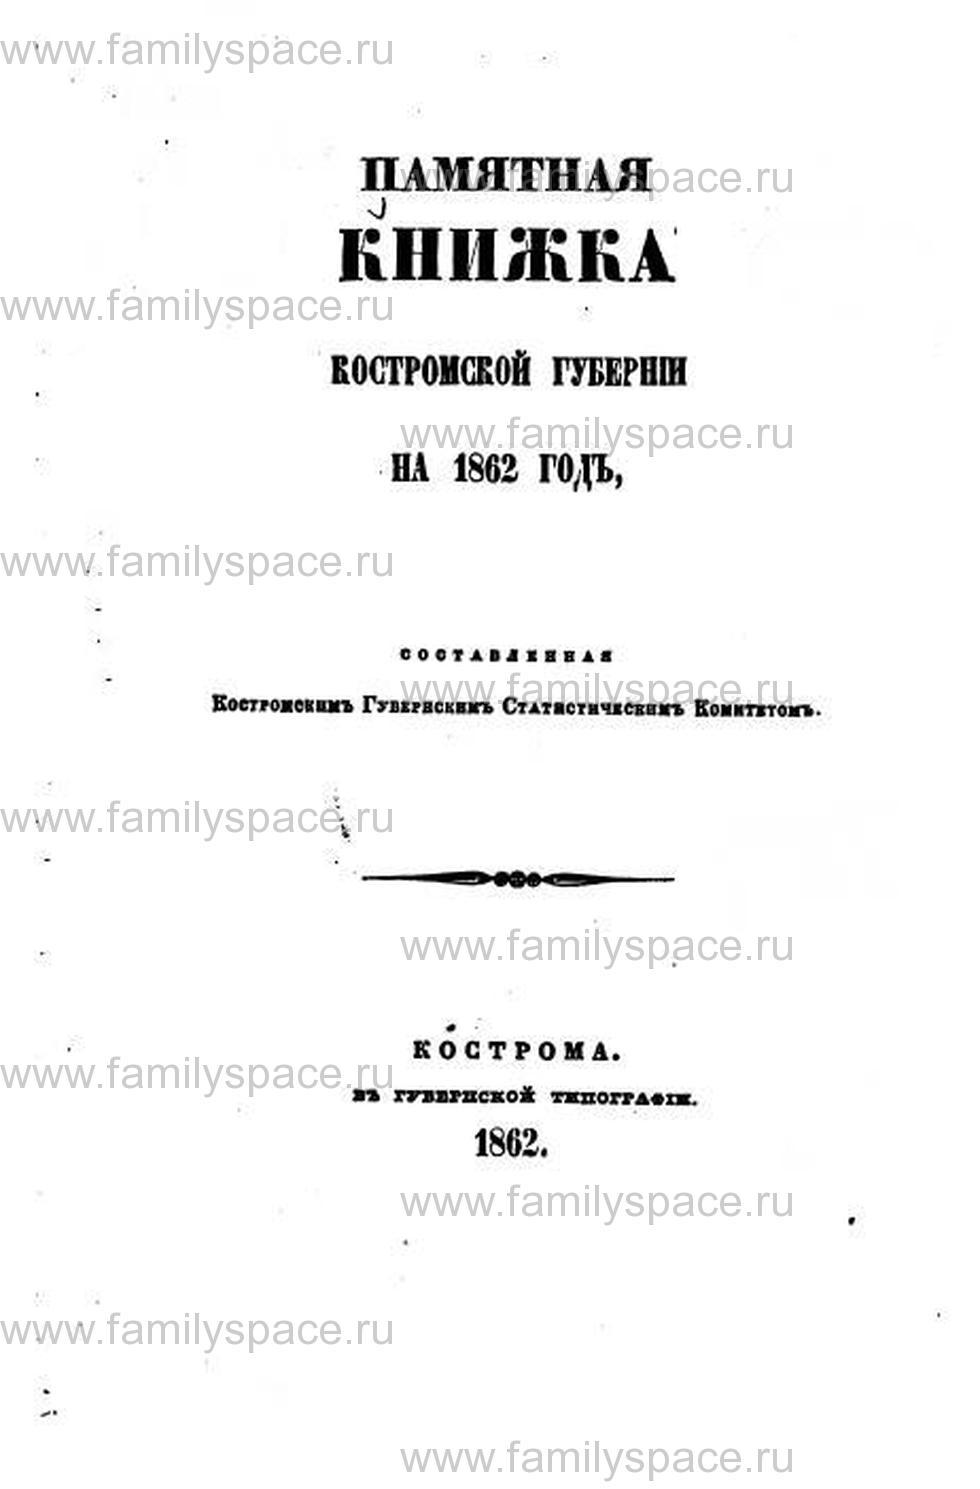 Поиск по фамилии - Памятная книжка Костромской губернии 1862г., страница 1